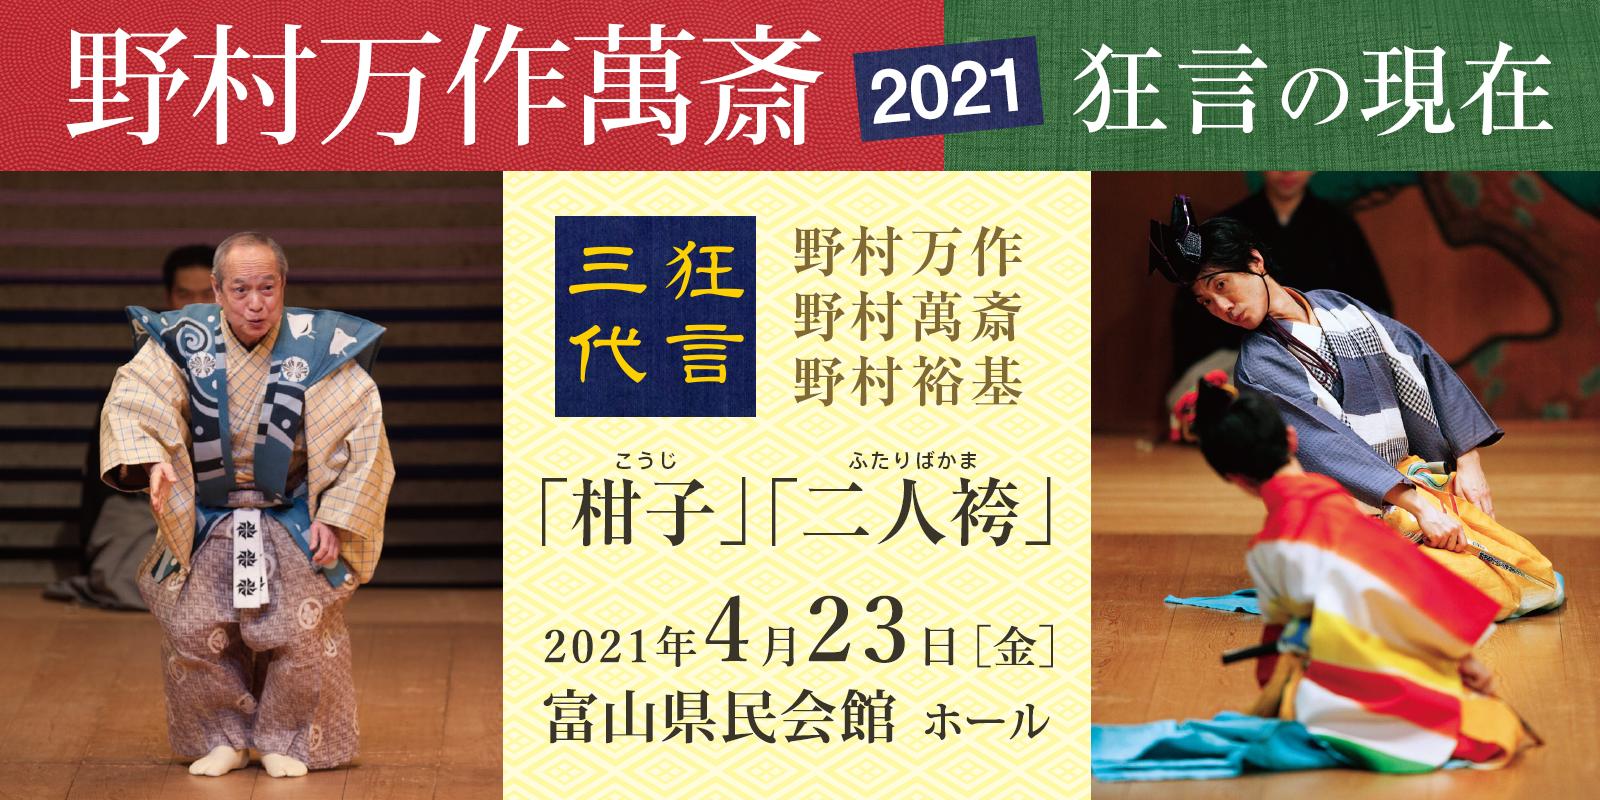 「野村万作萬斎 狂言の現在2021」富山公演